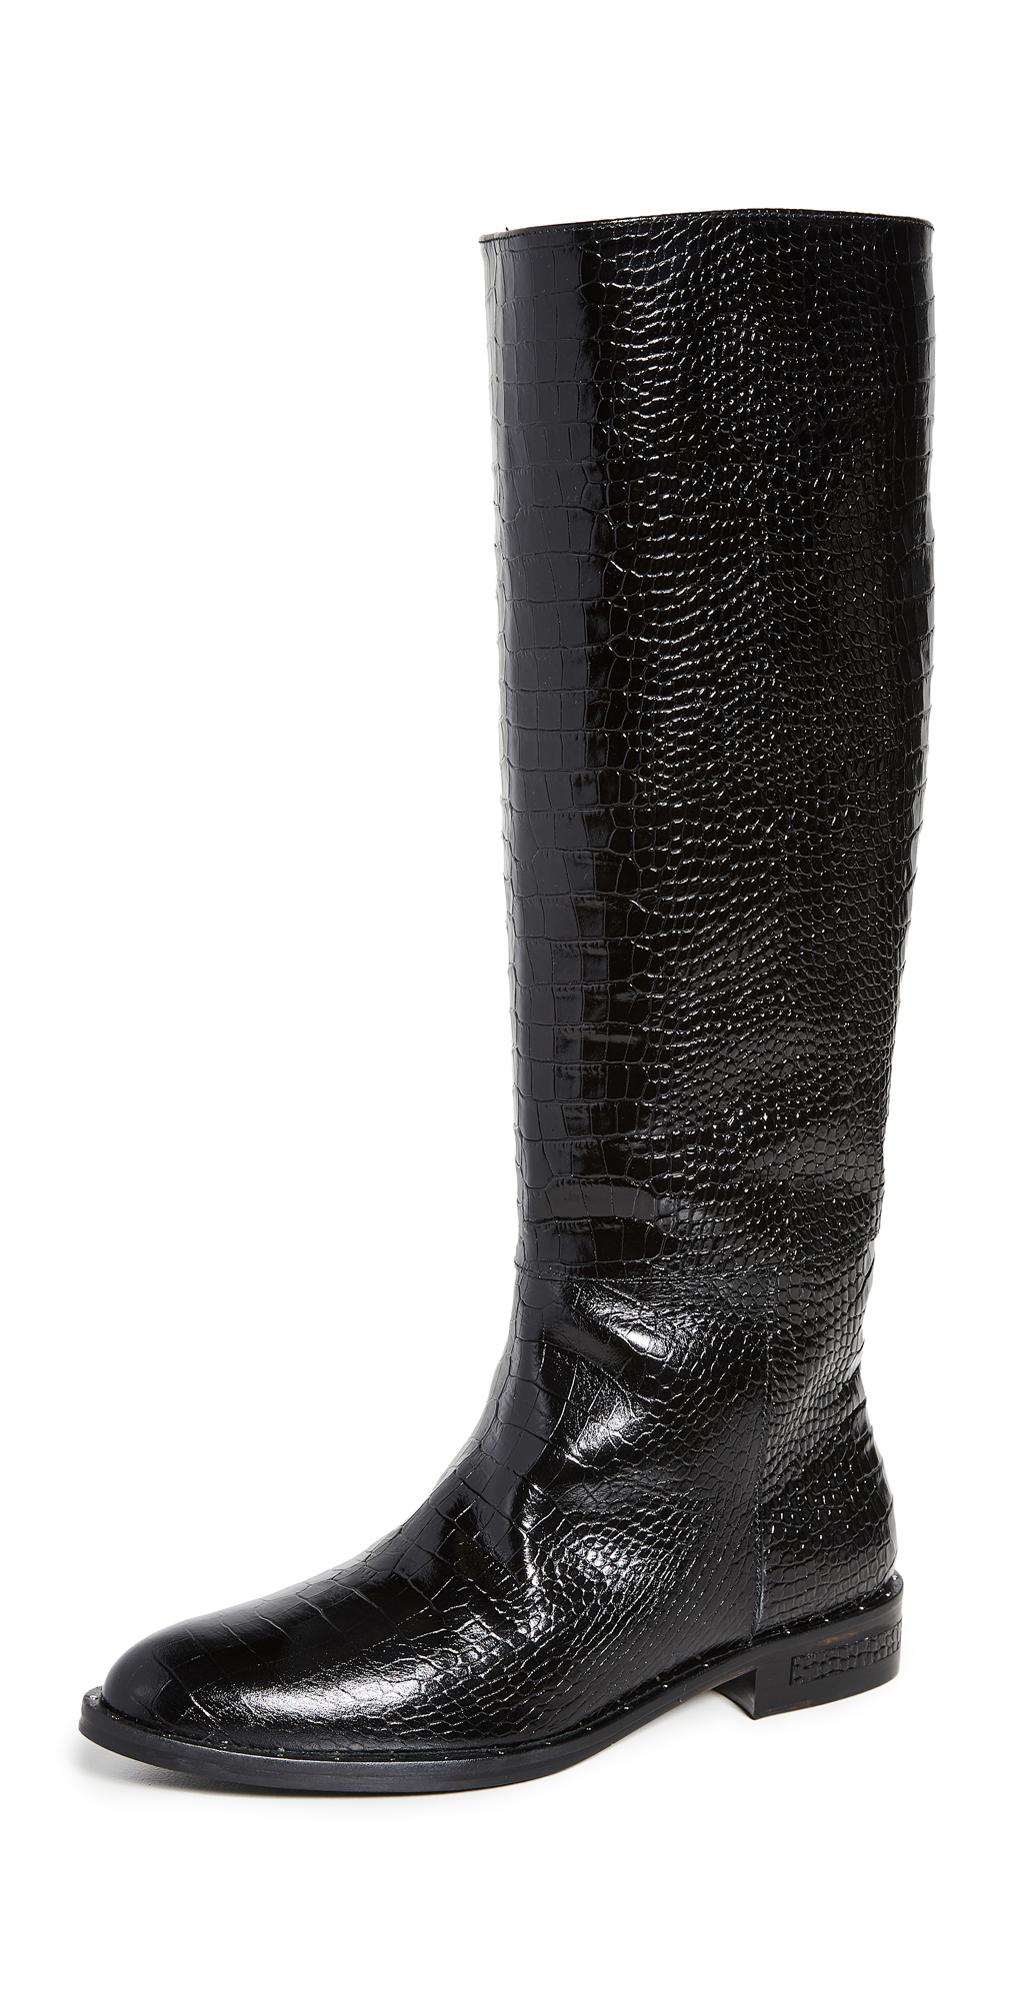 Freda Salvador Peak Tall Boots